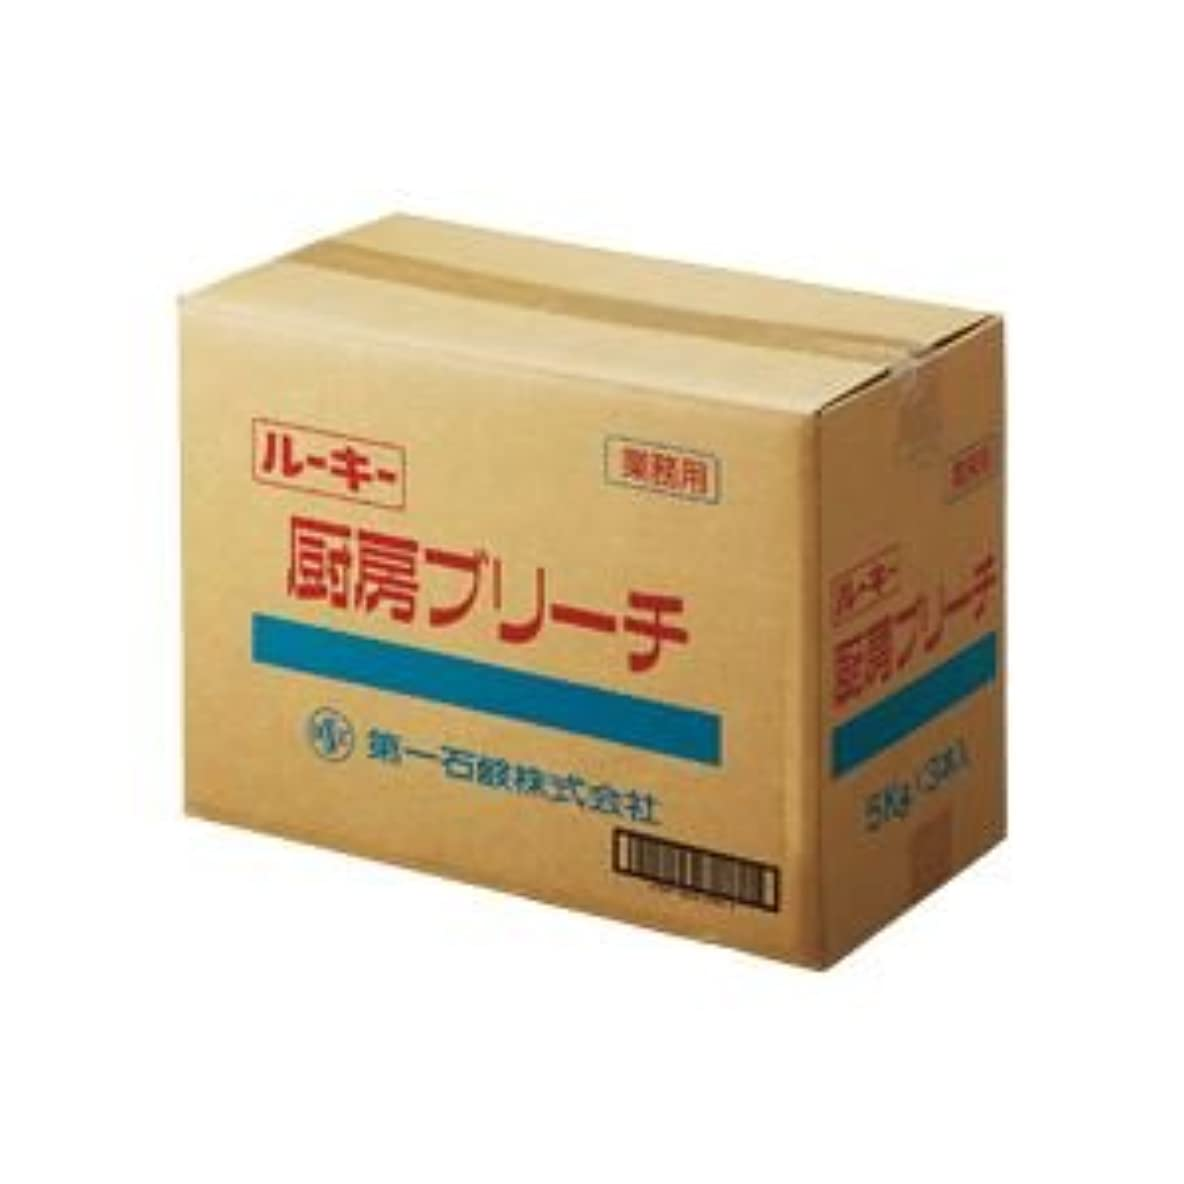 騙す最大限留まる(まとめ) 第一石鹸 ルーキー 厨房ブリーチ 業務用 5kg/本 1セット(3本) 【×2セット】